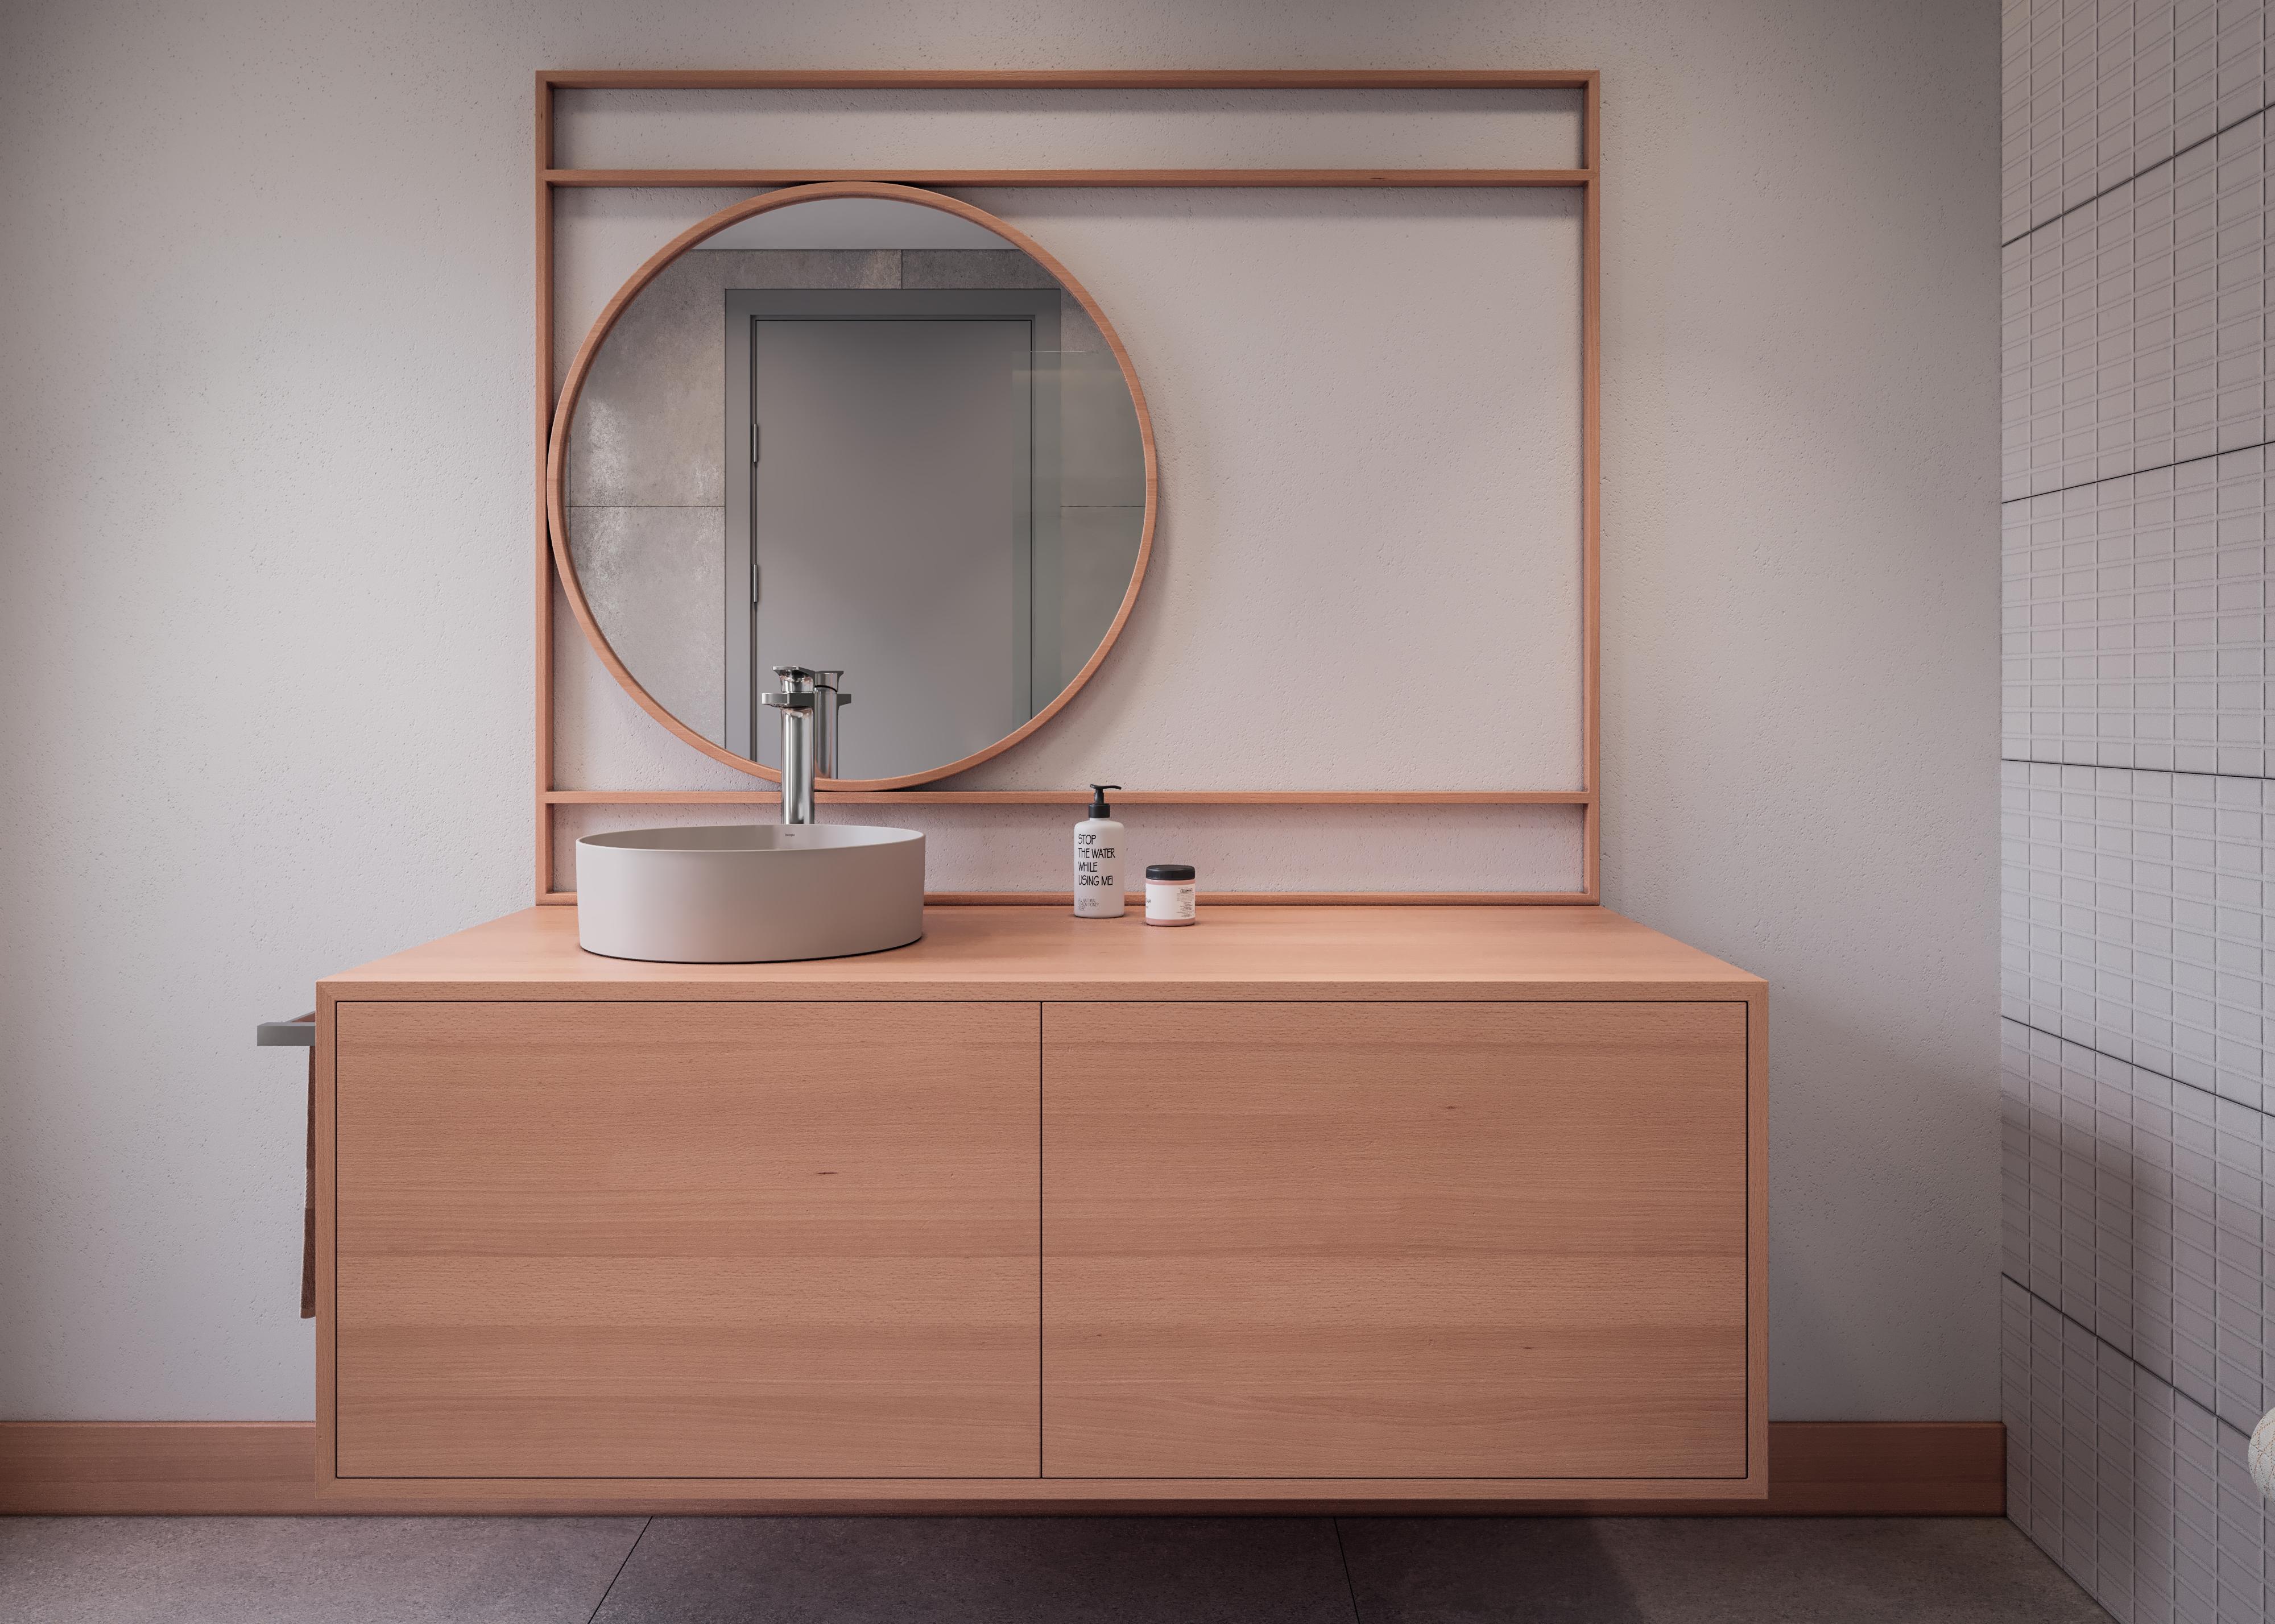 Banheiro com estética aconchegante e cuba na cor champagne